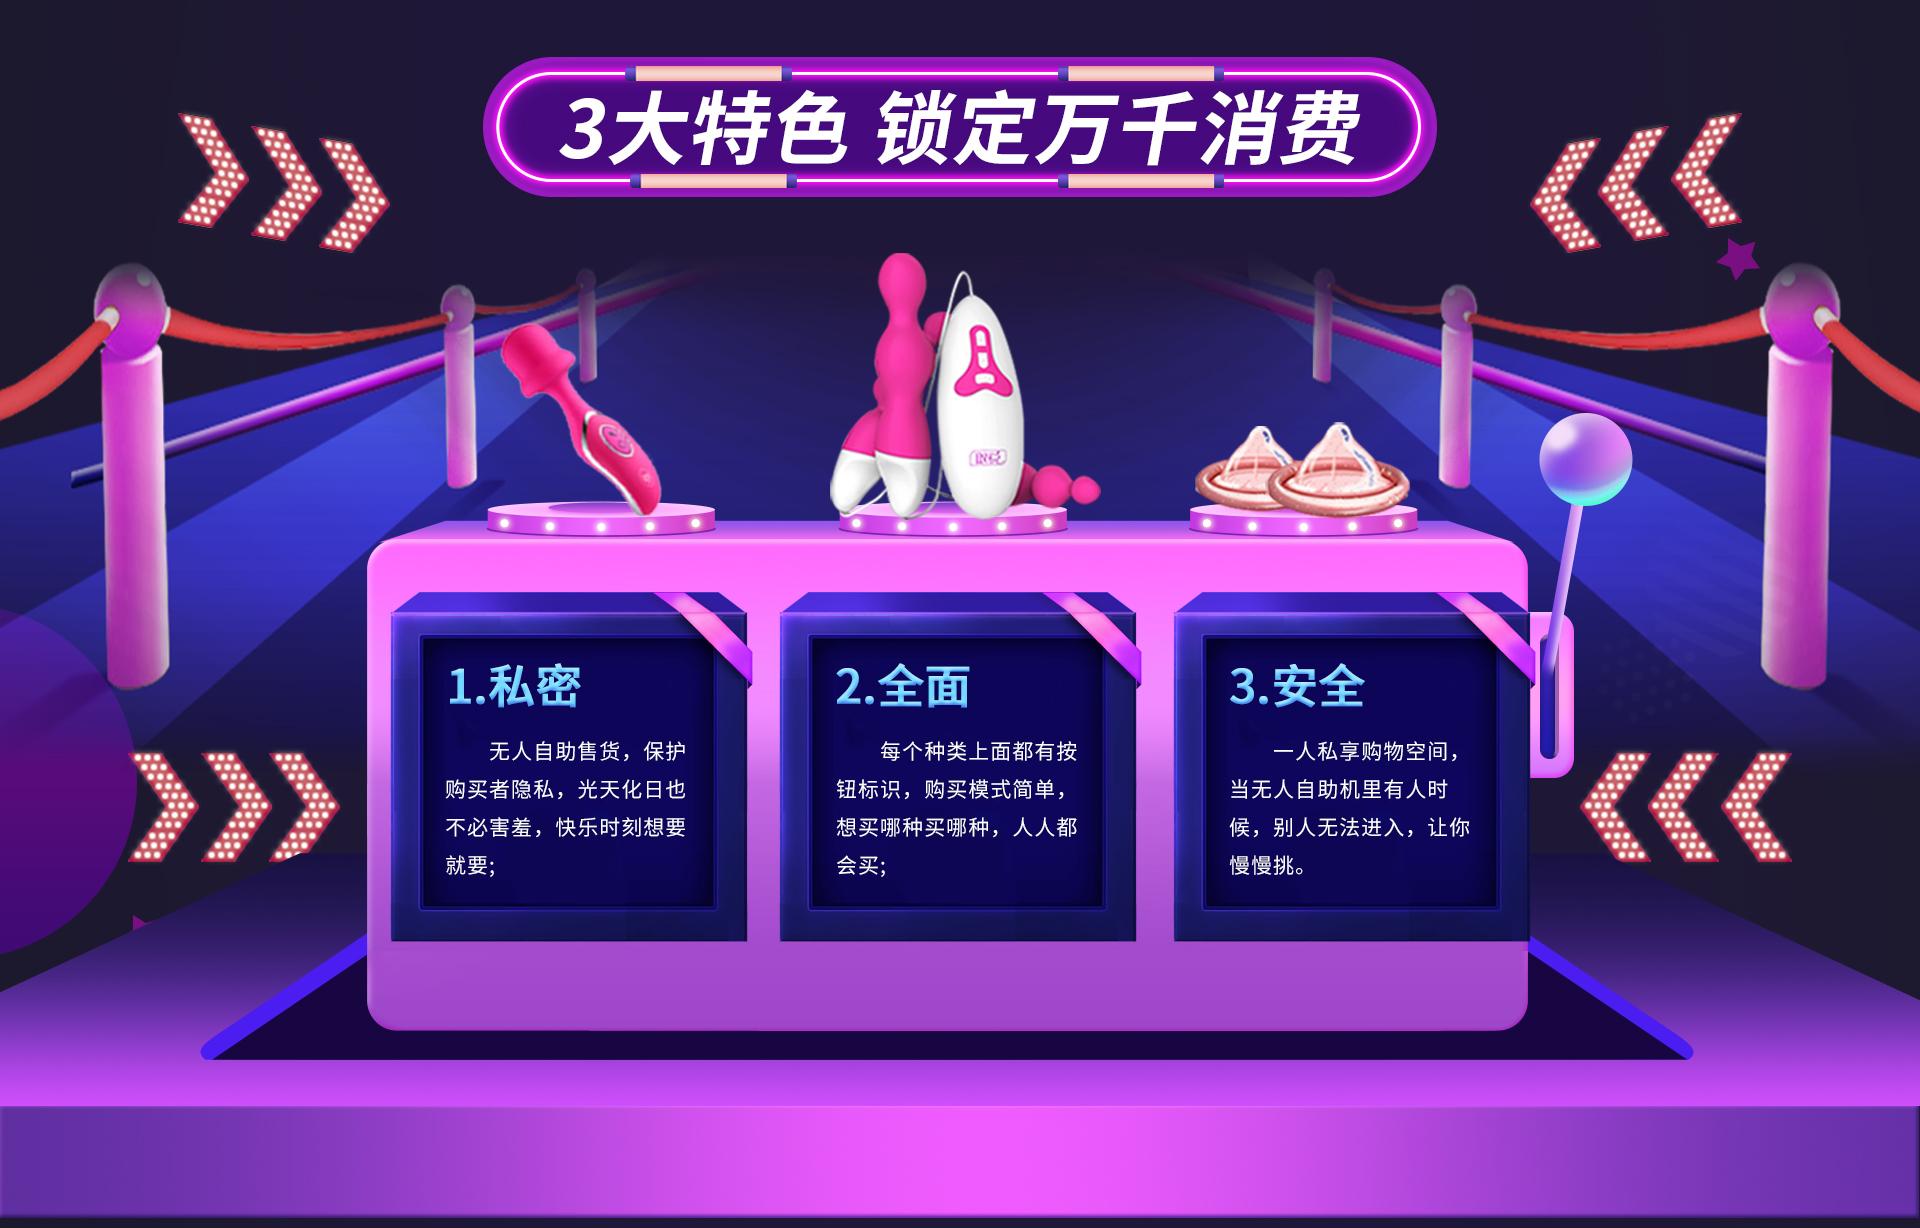 智購情趣生活館zg_03